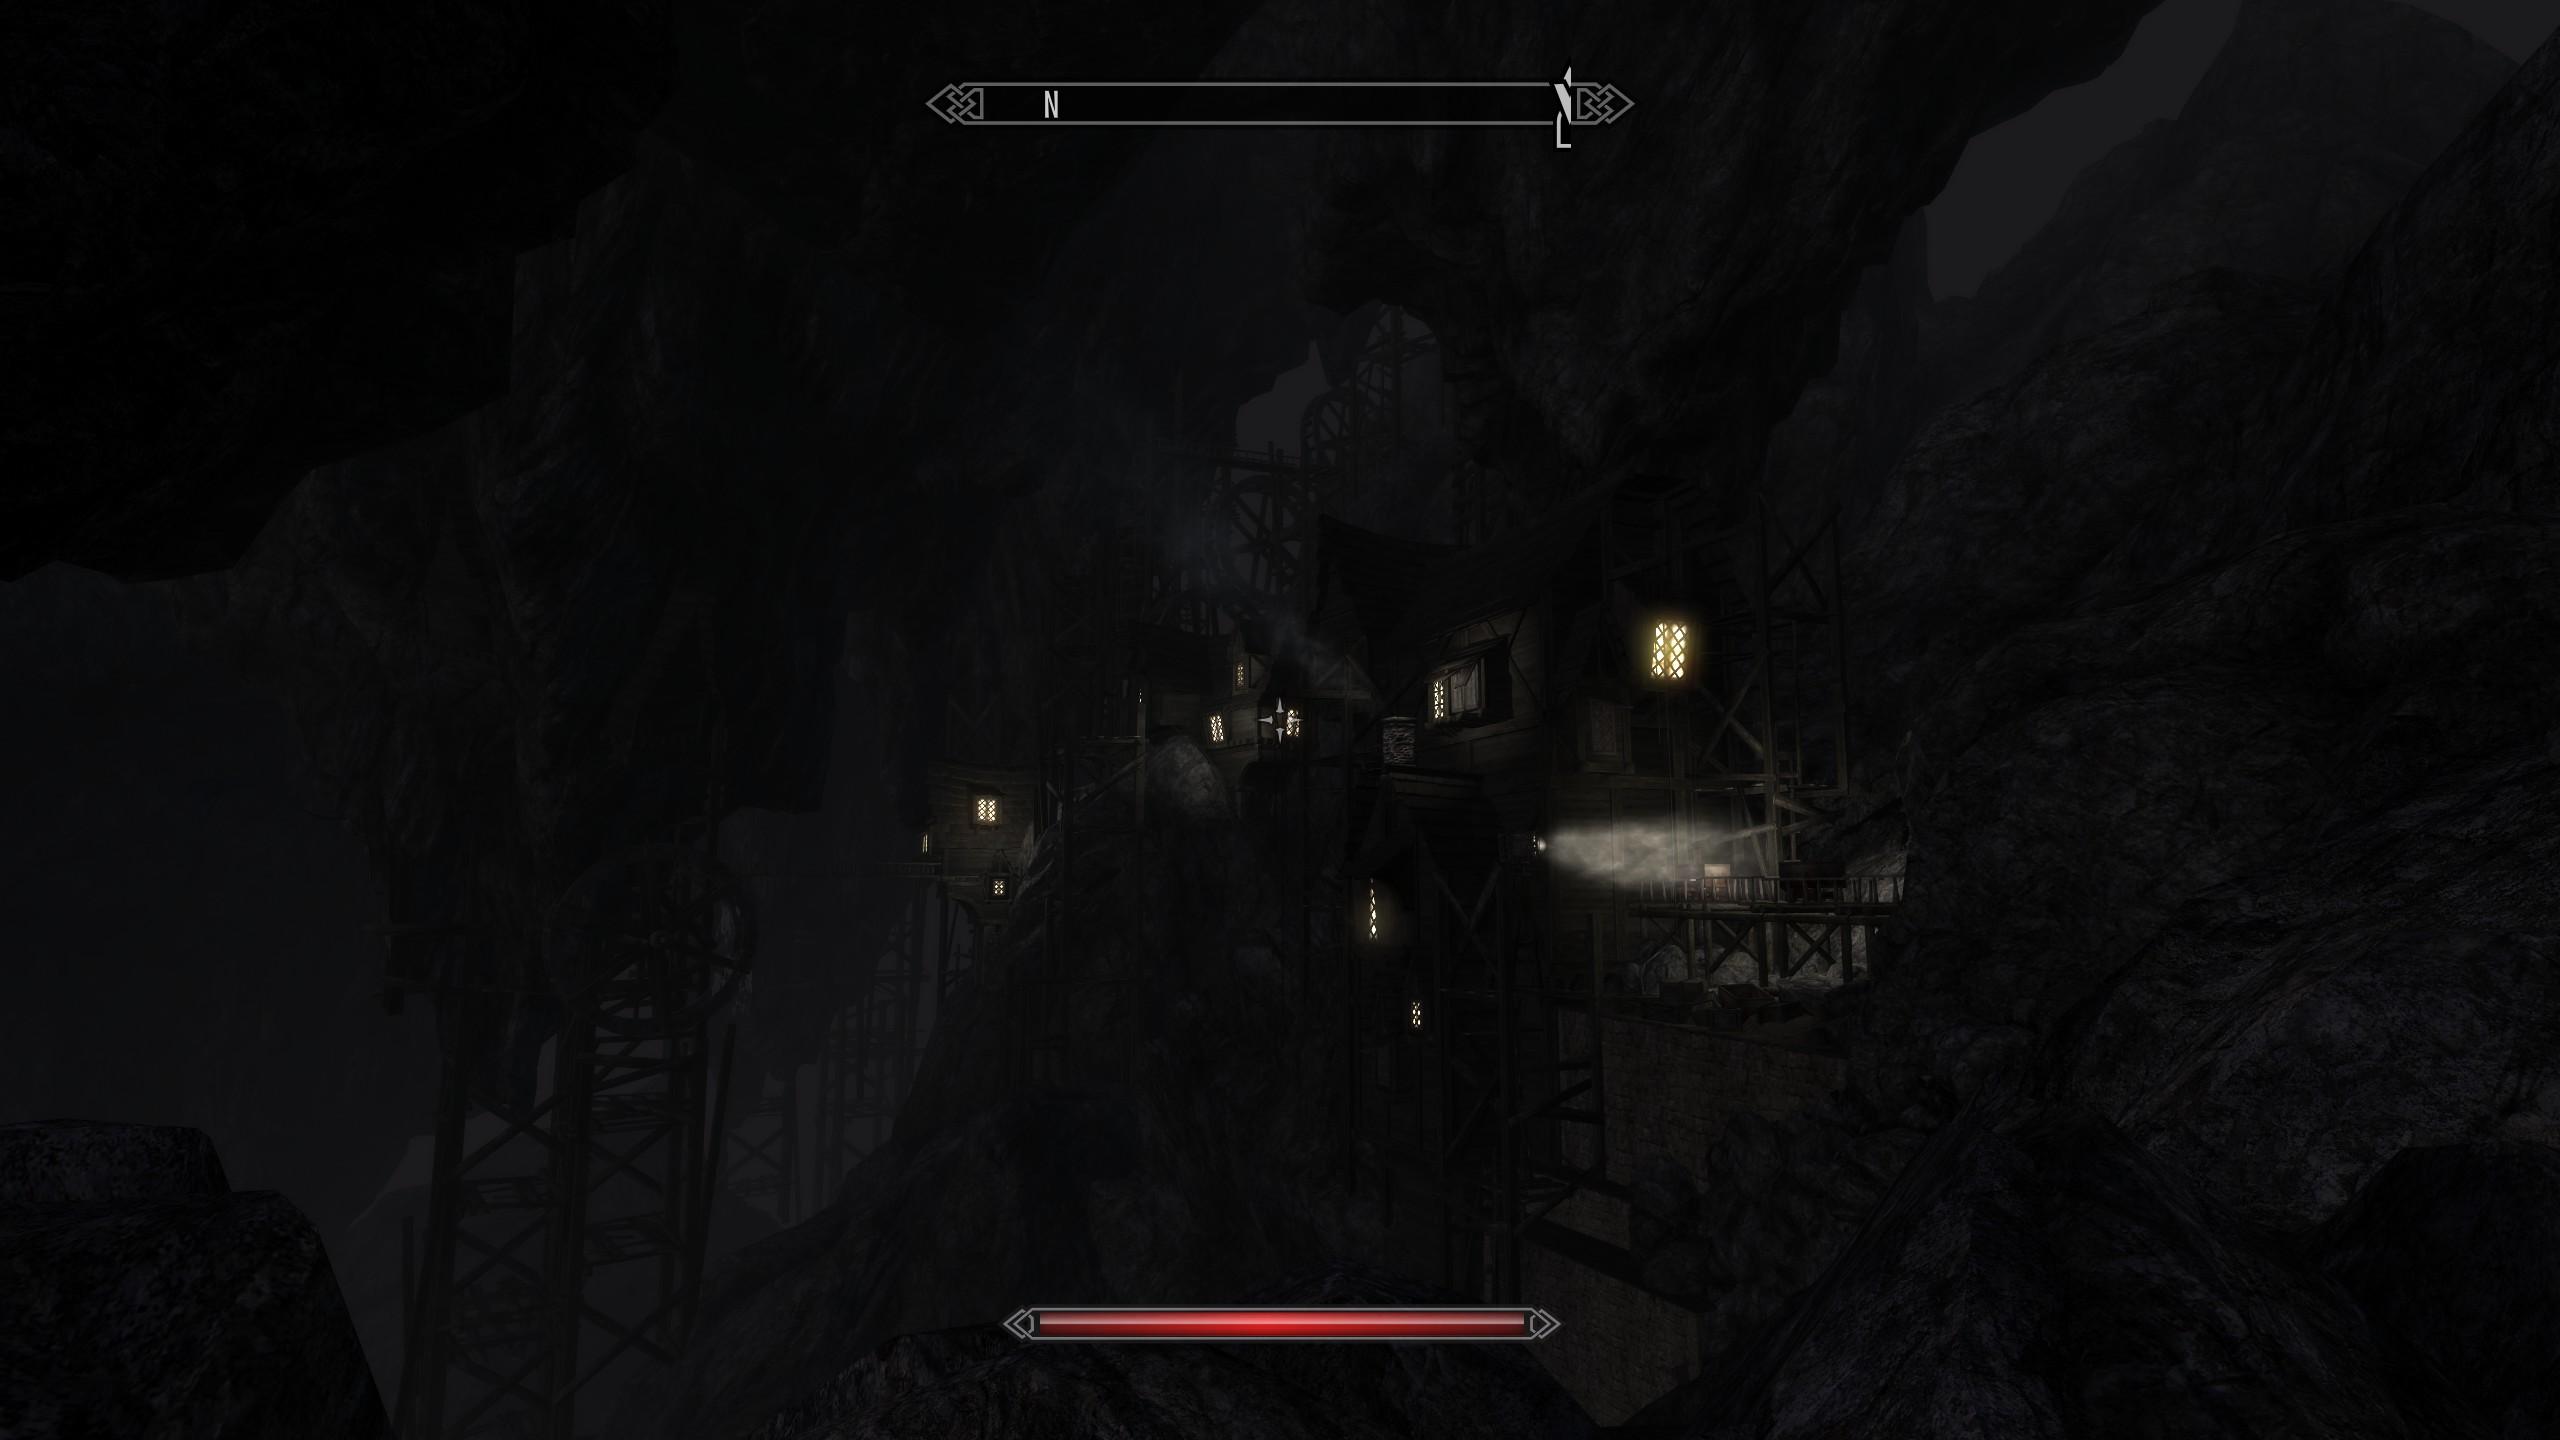 Казалось бы просто пещеры под городом. А как проработано! - Elder Scrolls 5: Skyrim, the